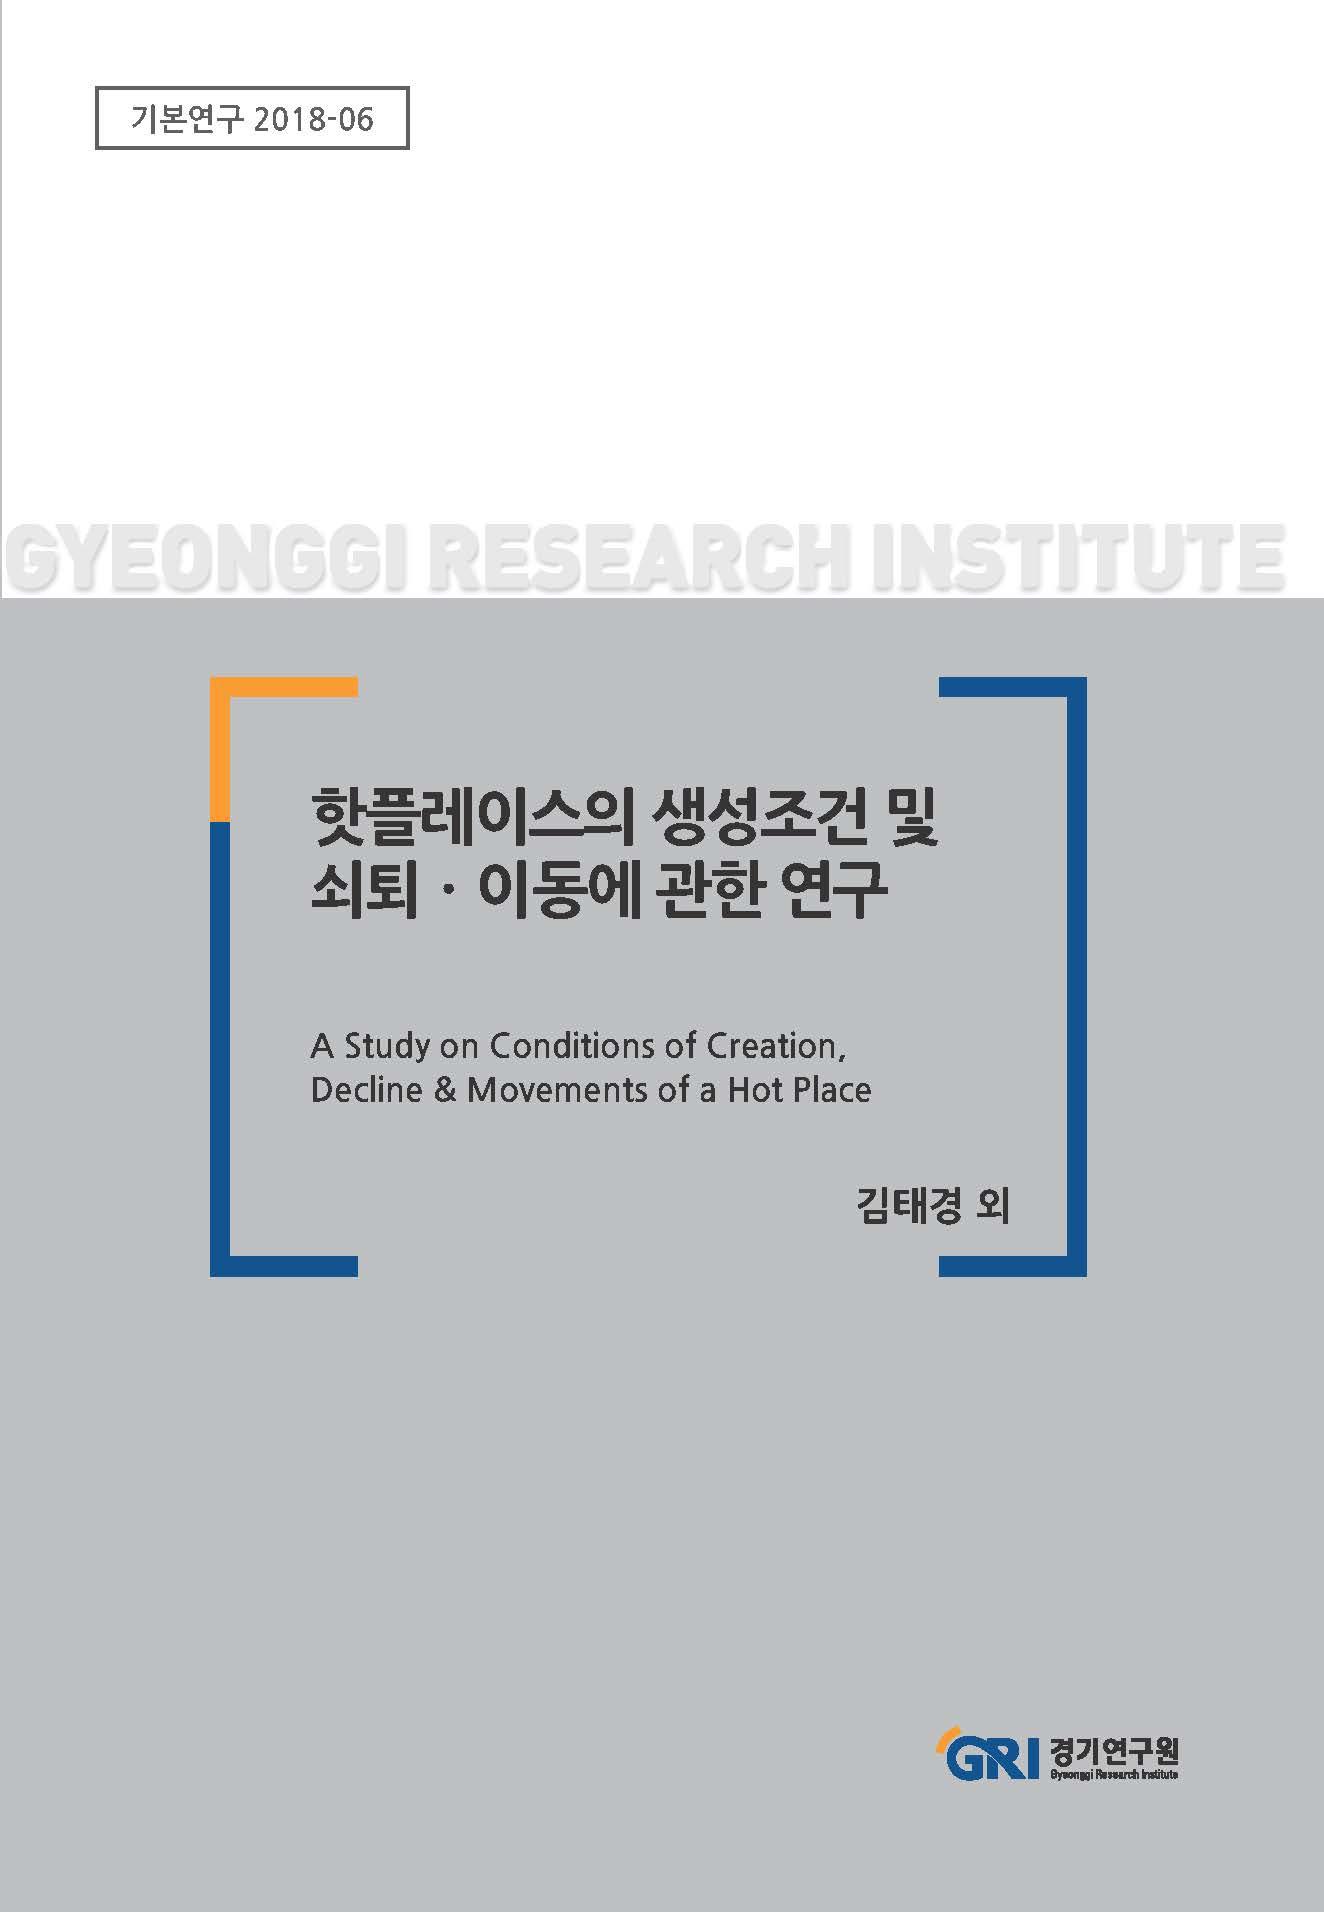 핫플레이스의 생성조건 및 쇠퇴·이동에 관한 연구